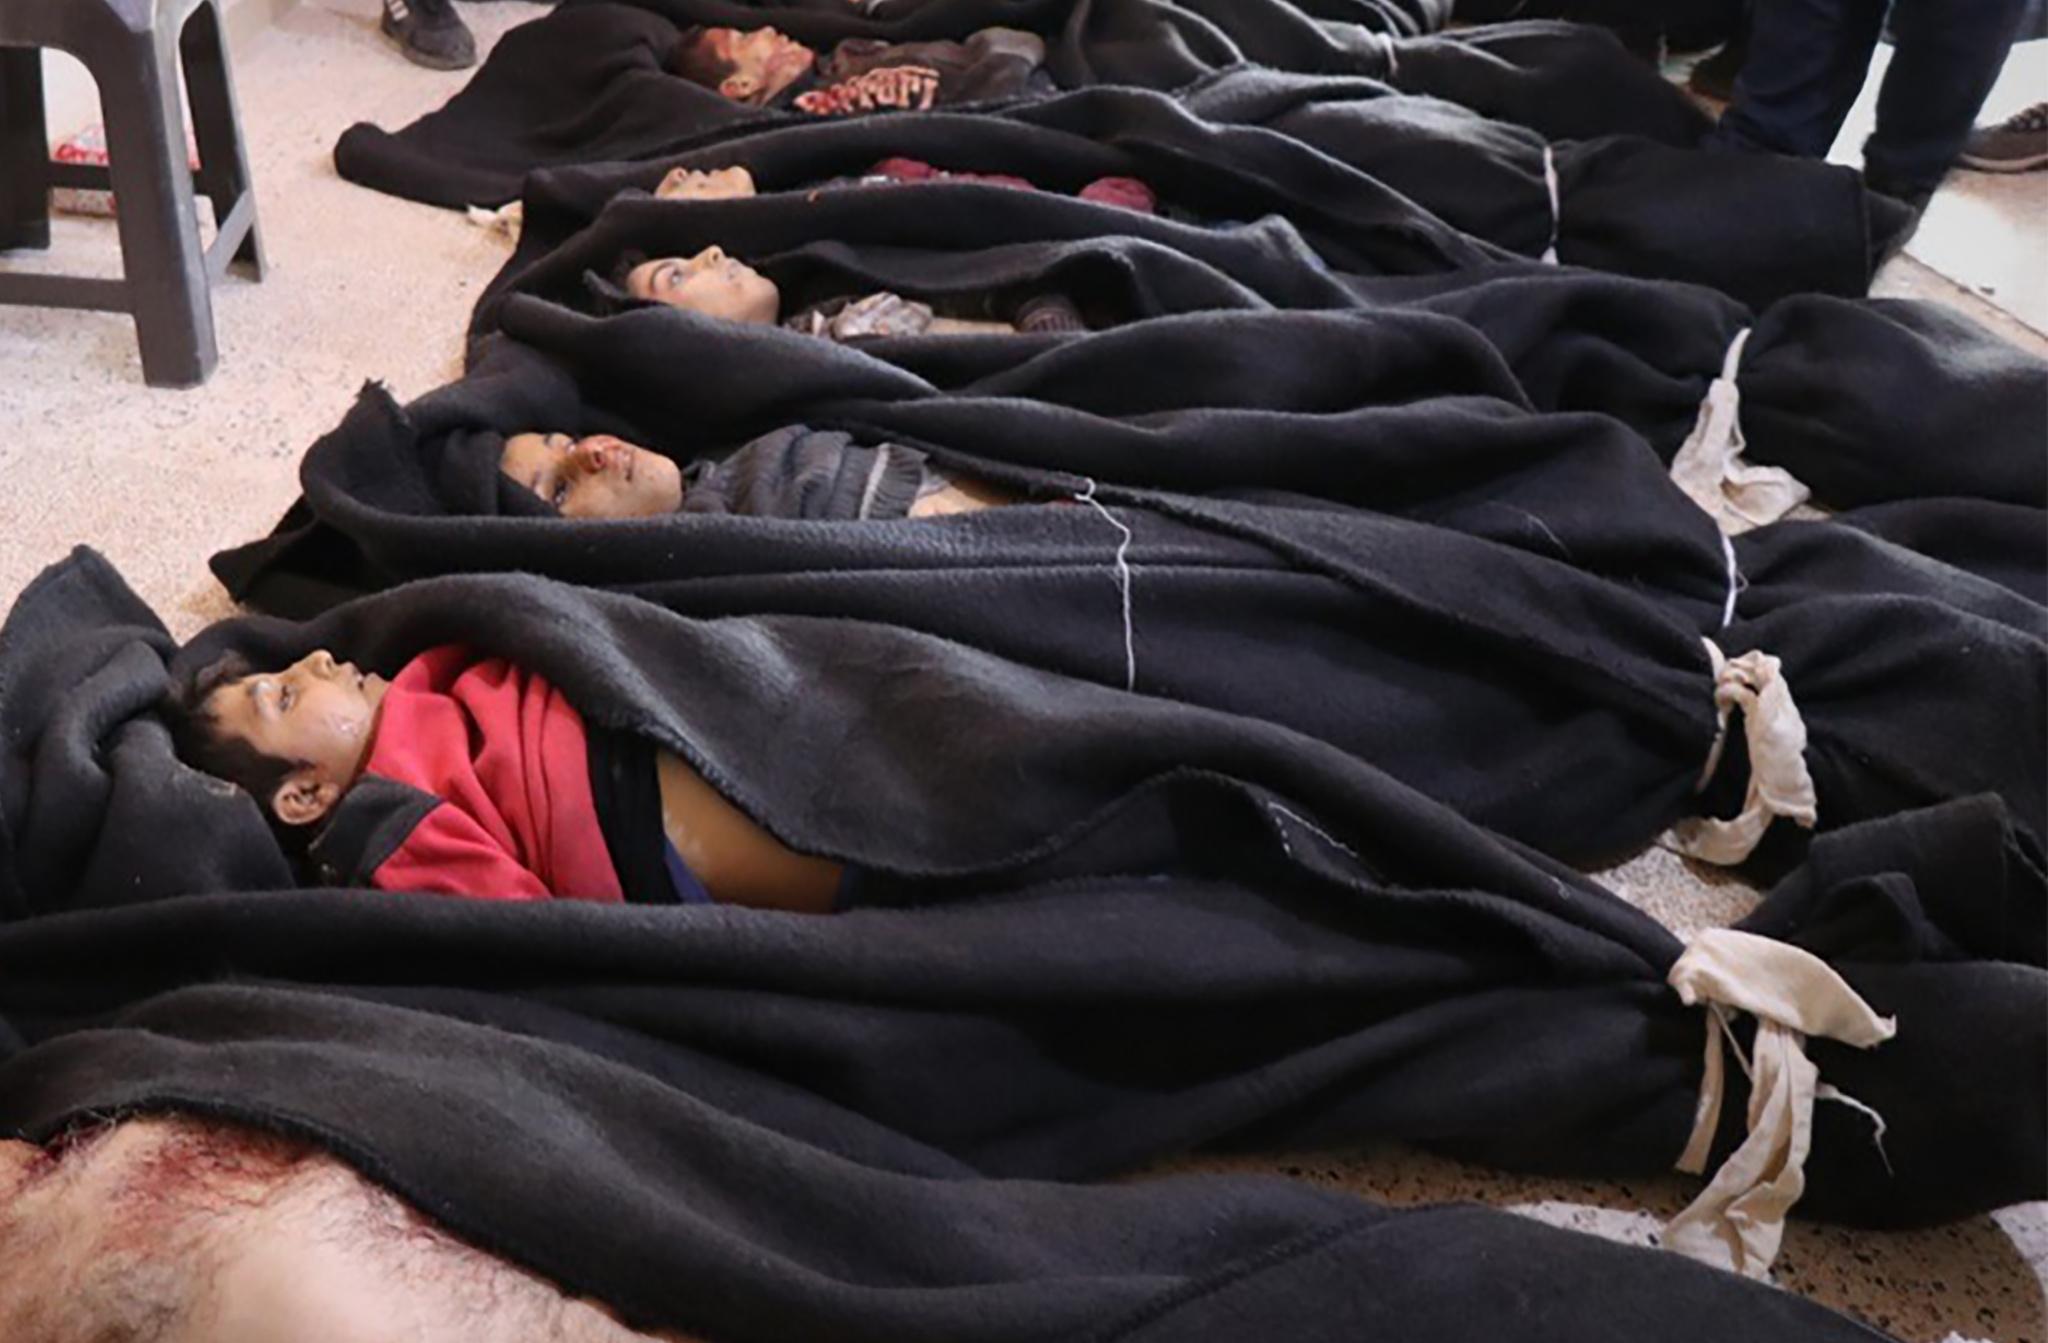 ضحايا المجزرة التركية من الأطفال في مدخل مستشفى بمدينة تل رفعت